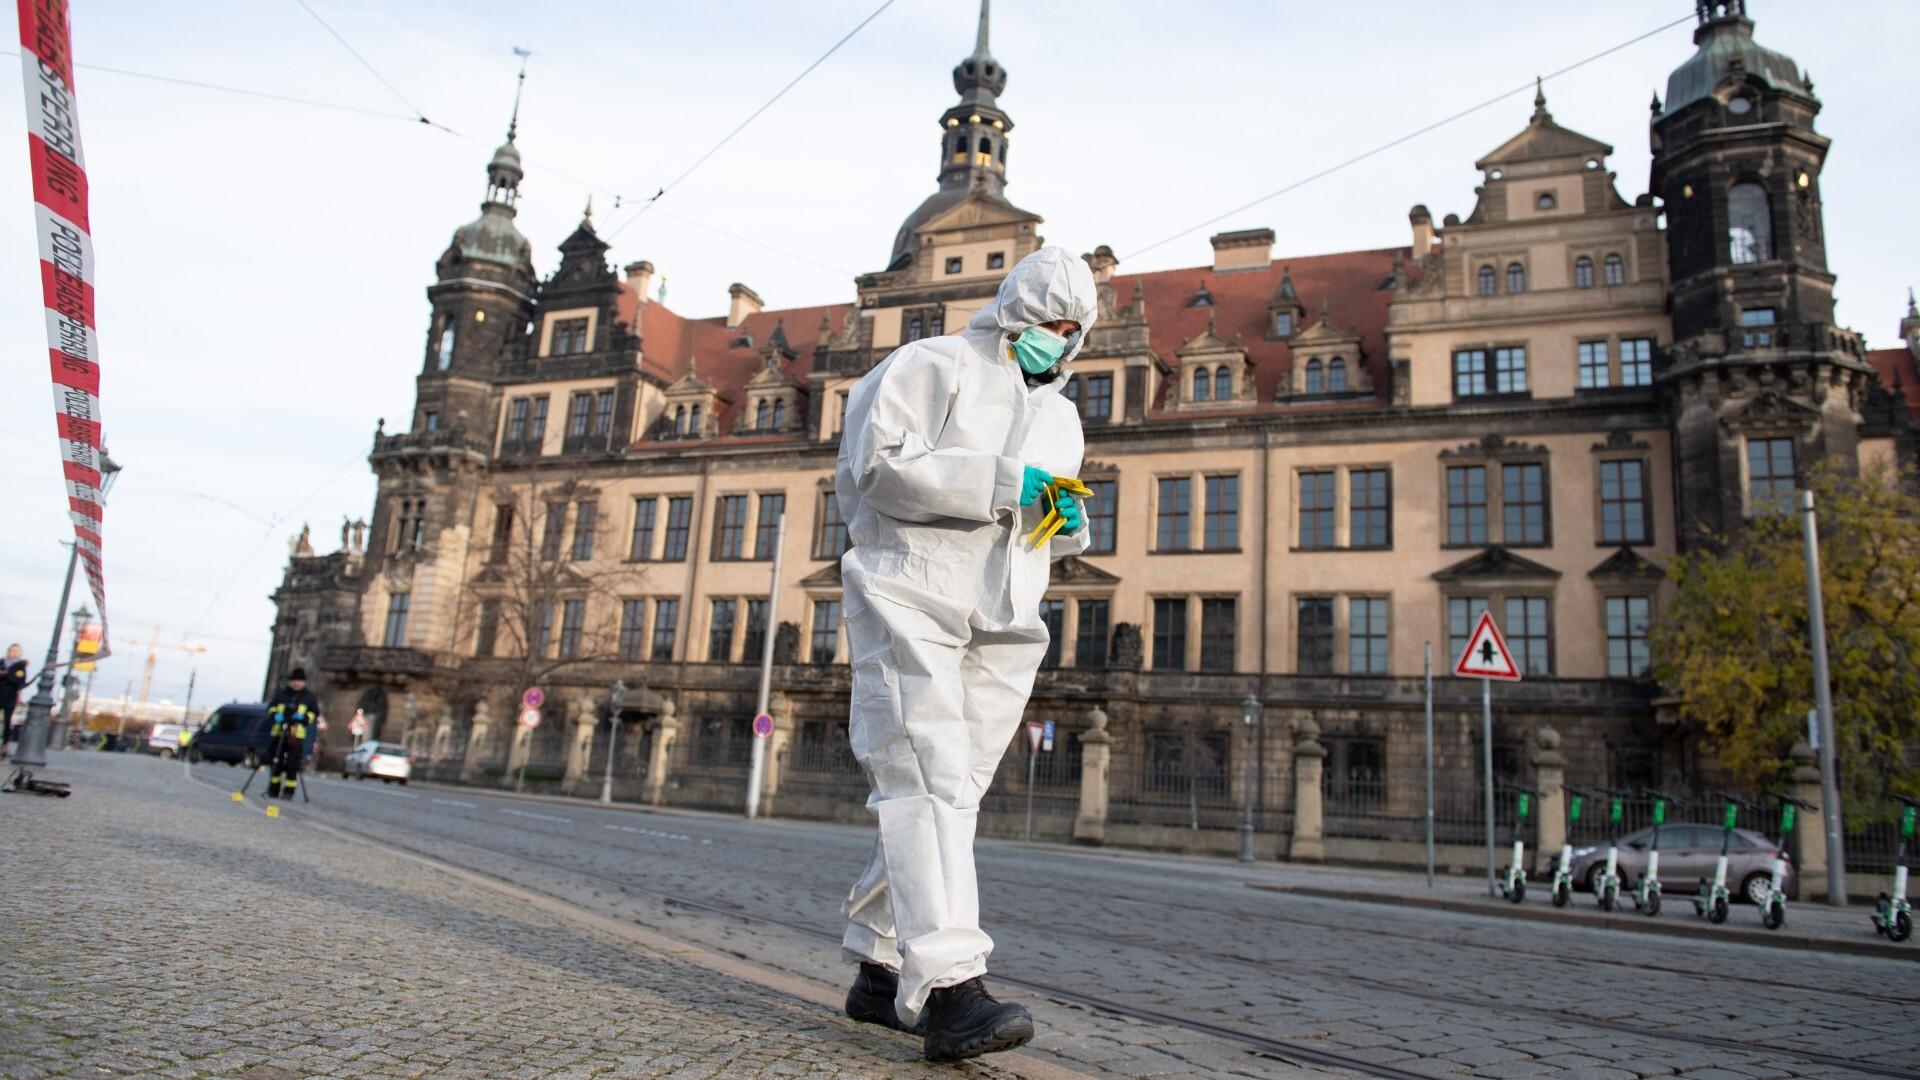 'Priceless' jewels stolen in Germany's Green Vault museum heist